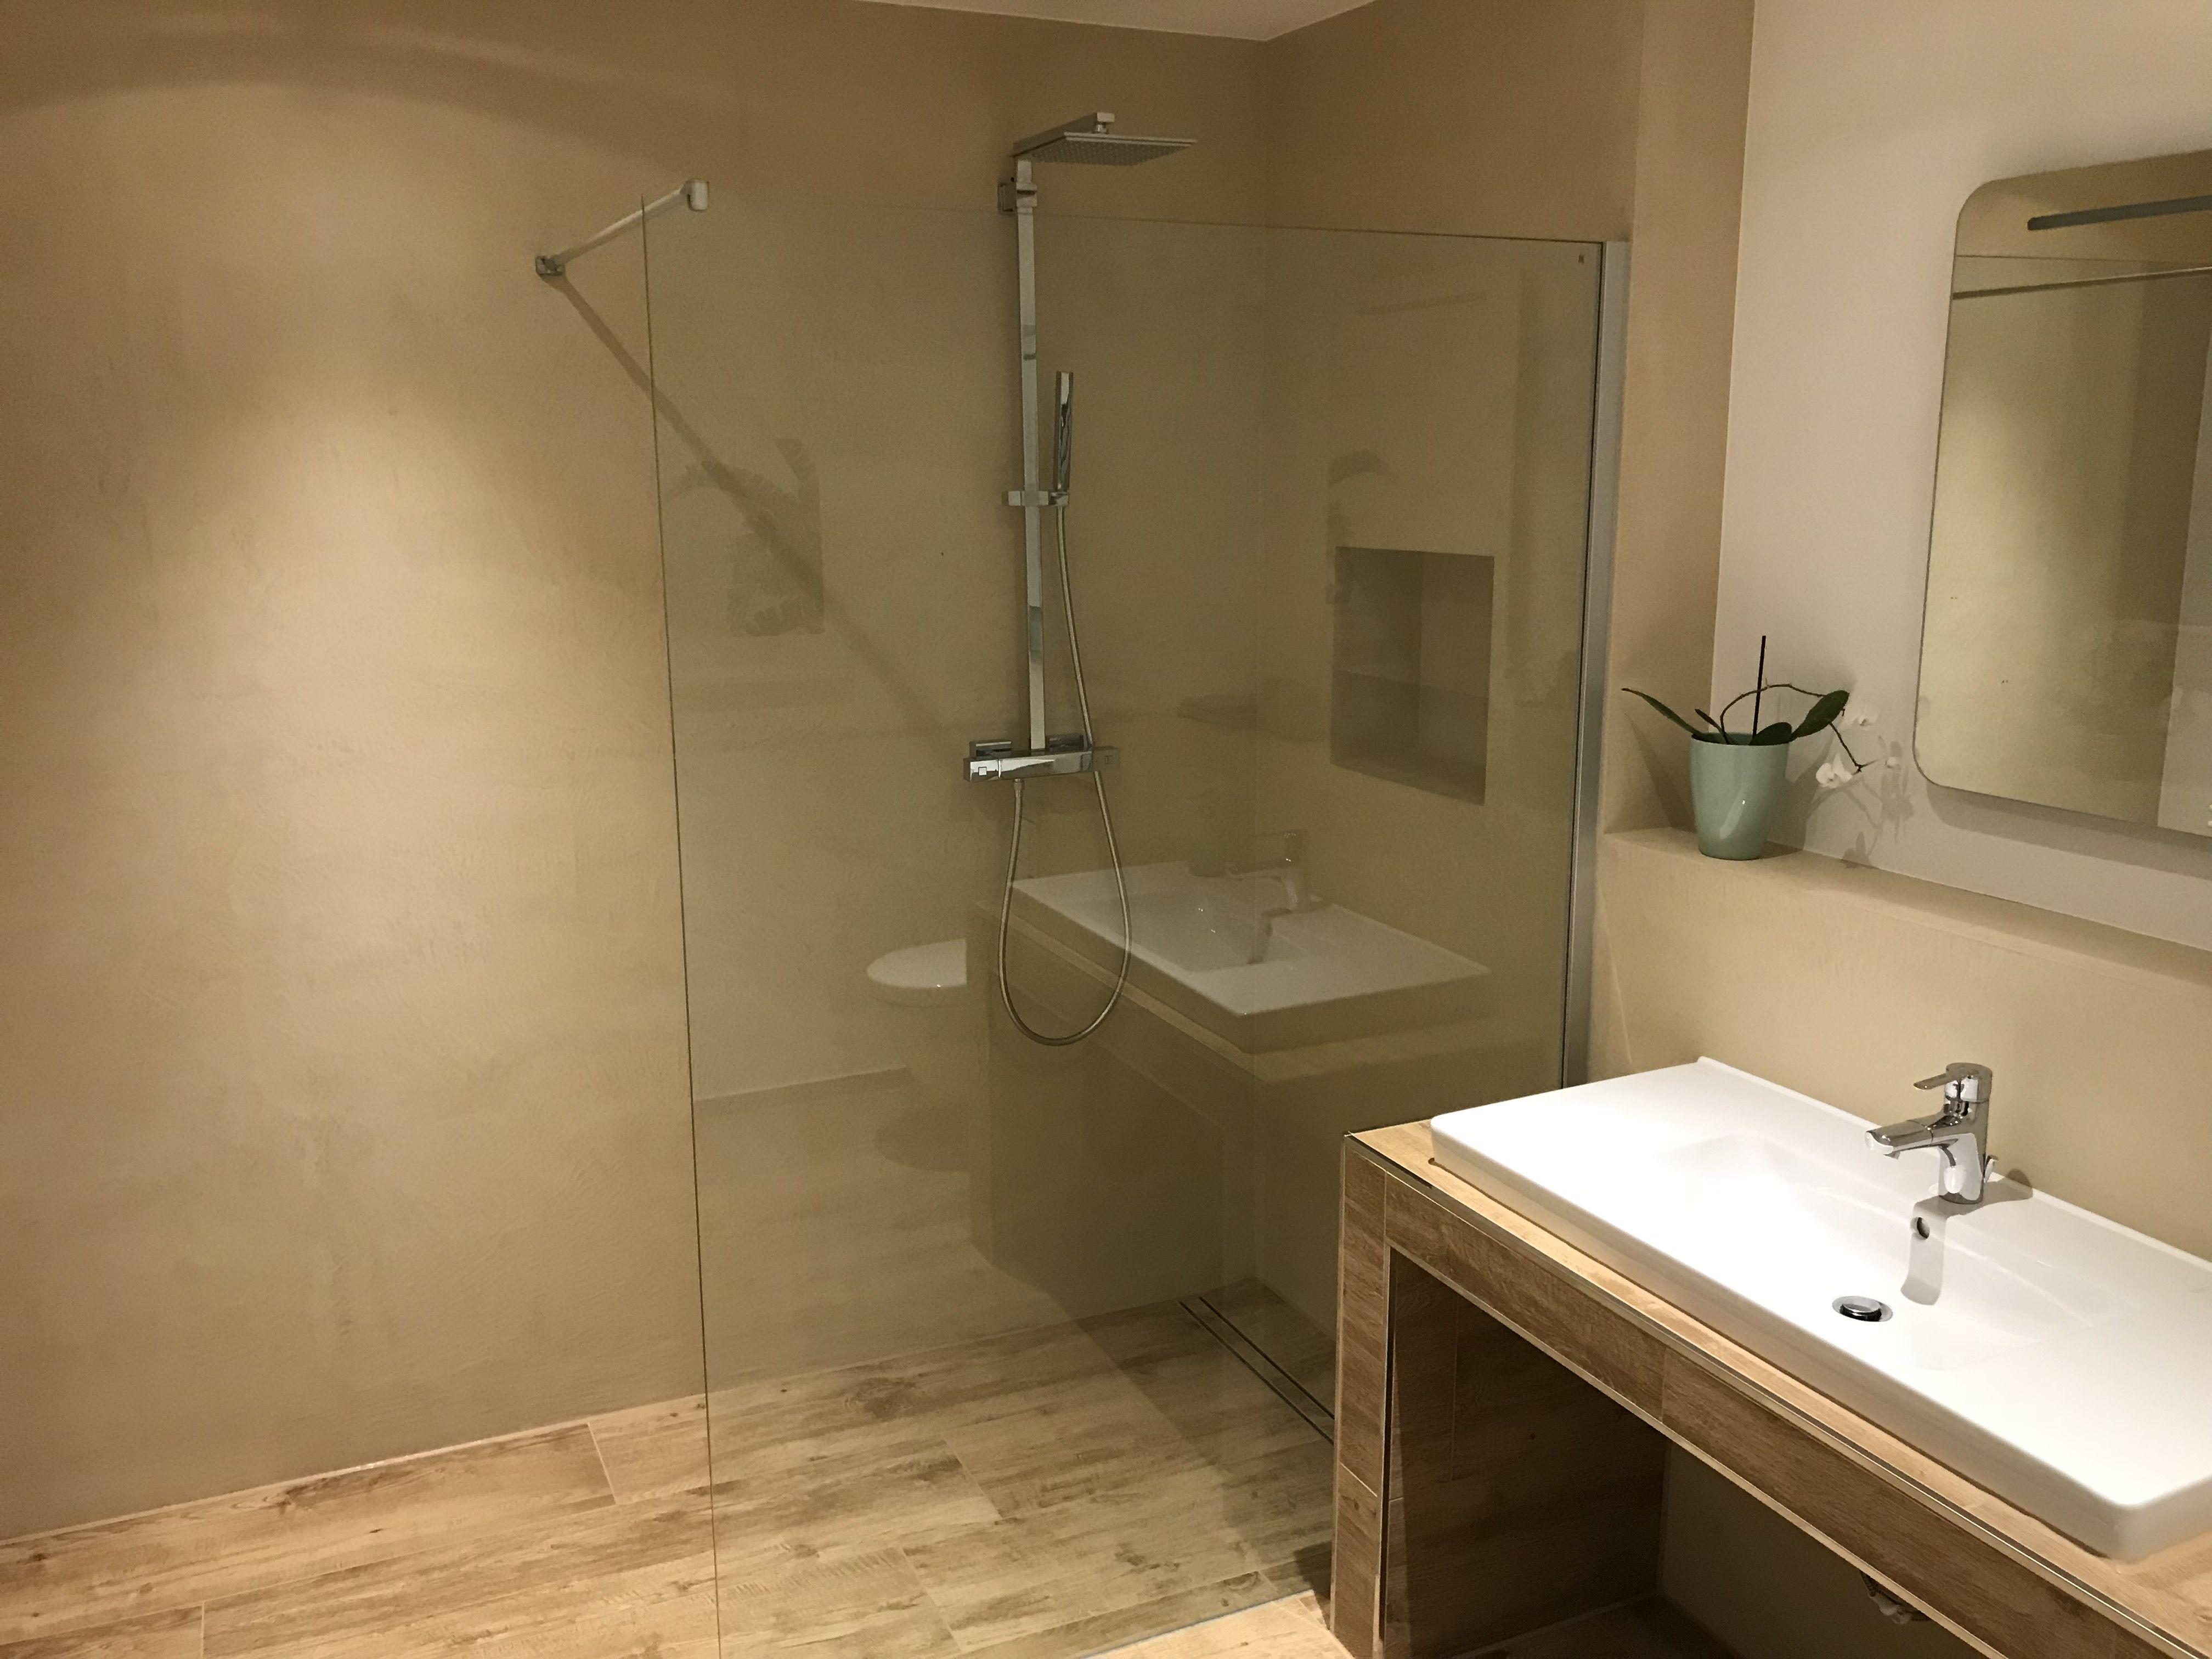 Mikrozement Fotos Neues Bad Badezimmer Bilder